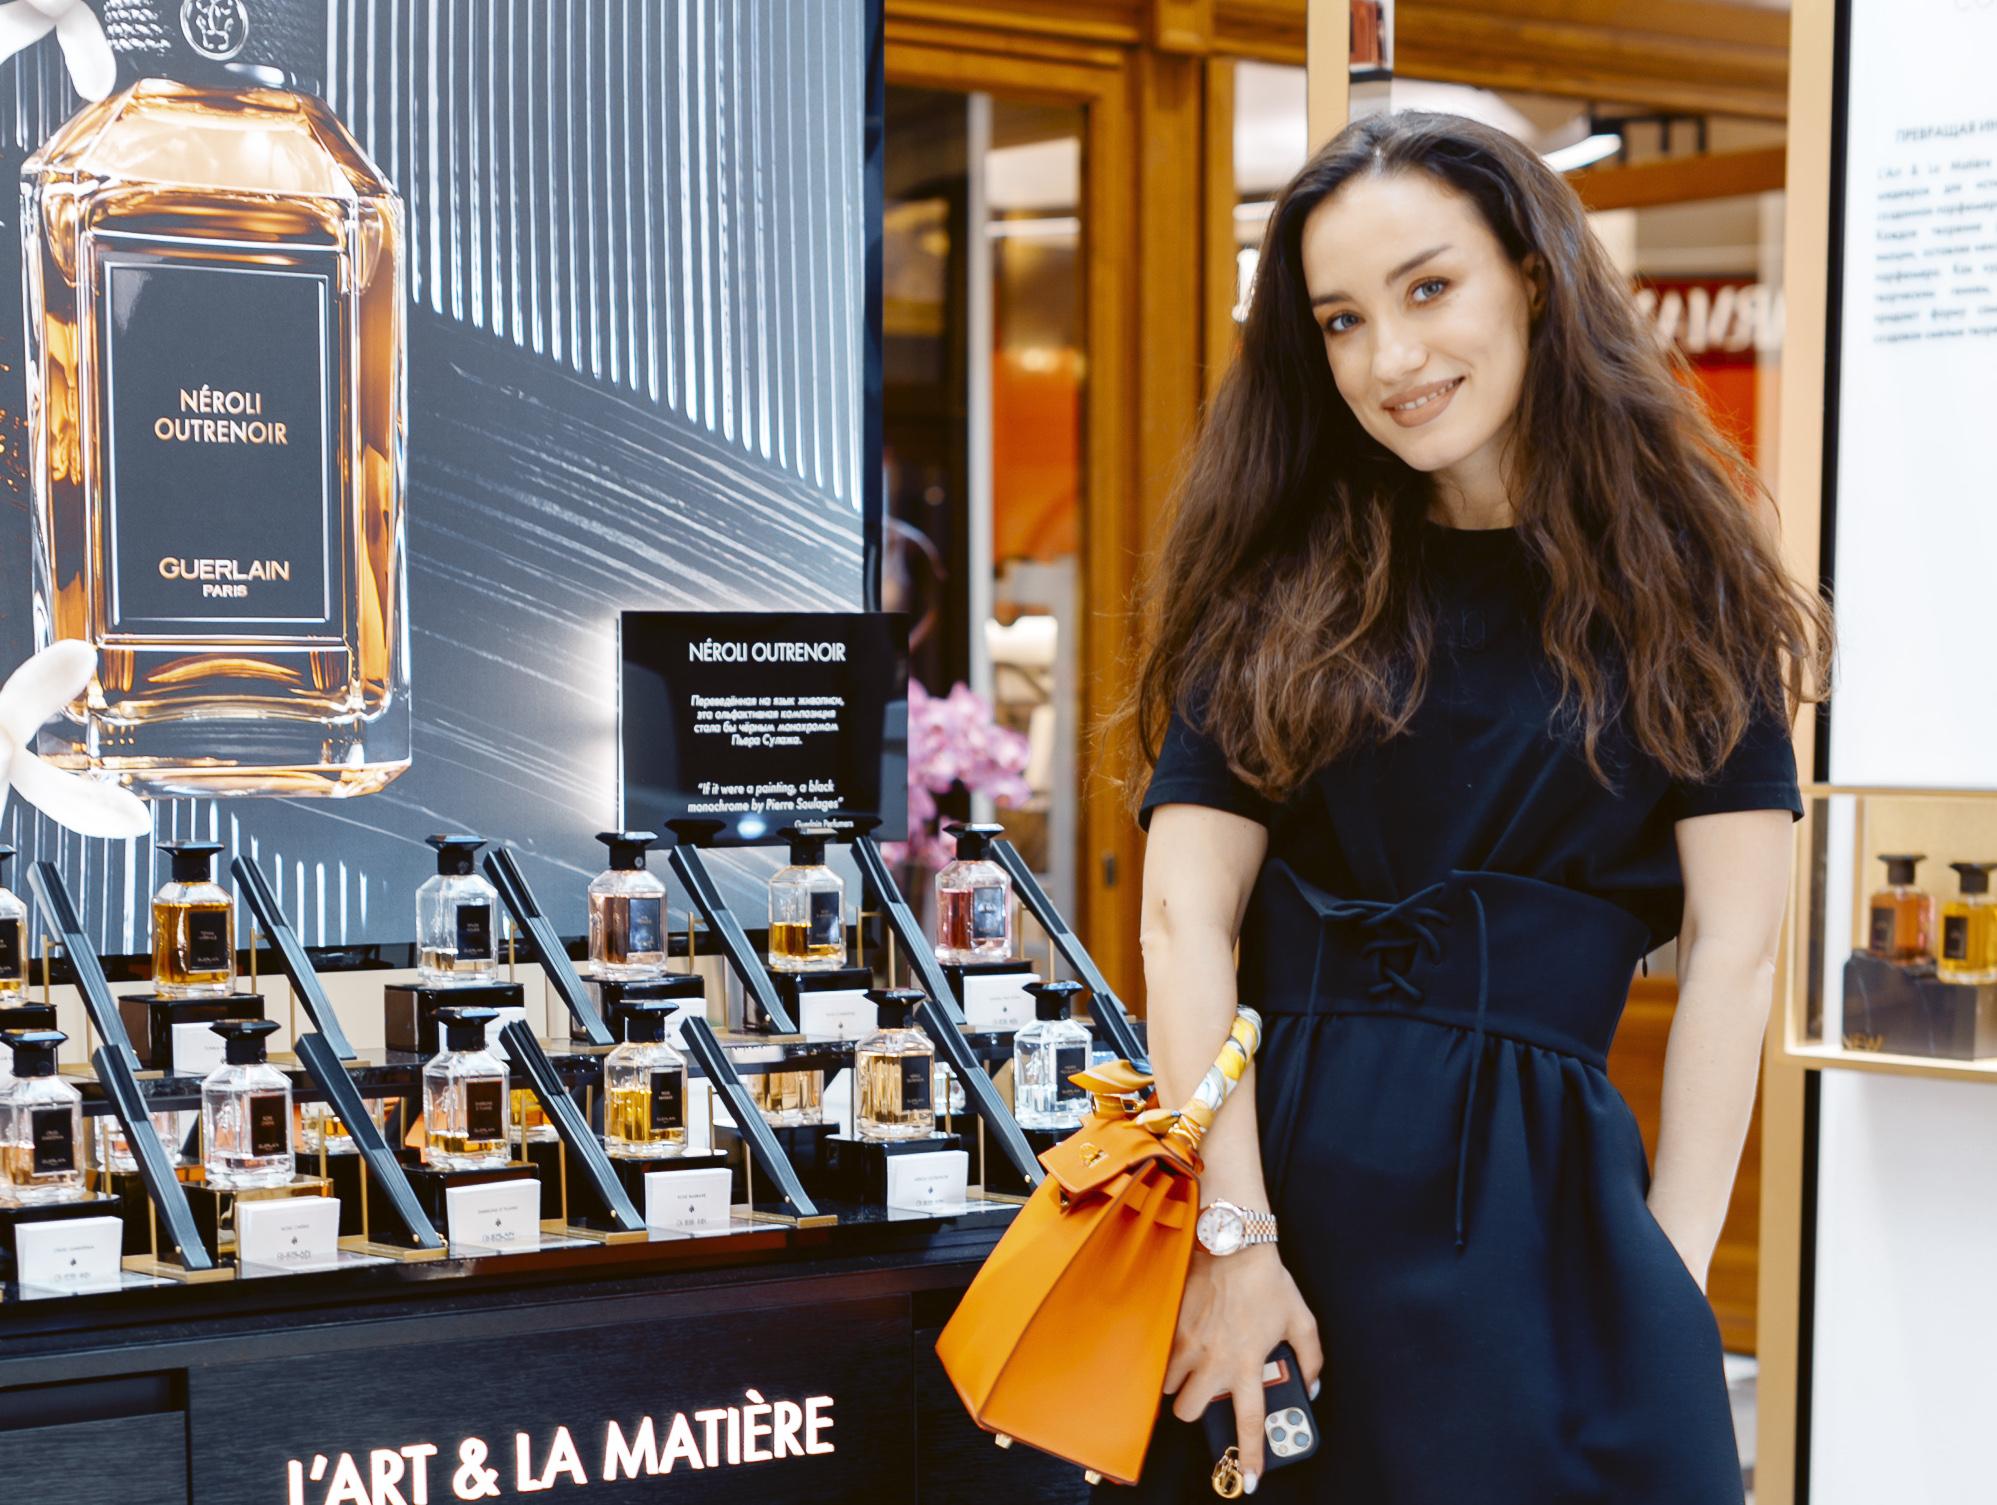 Превращая ингредиенты в искусство: Виктория Дайнеко, Катя Добрякова и другие звезды оценили новые ароматы Дома Guerlain L'Art & La Matière